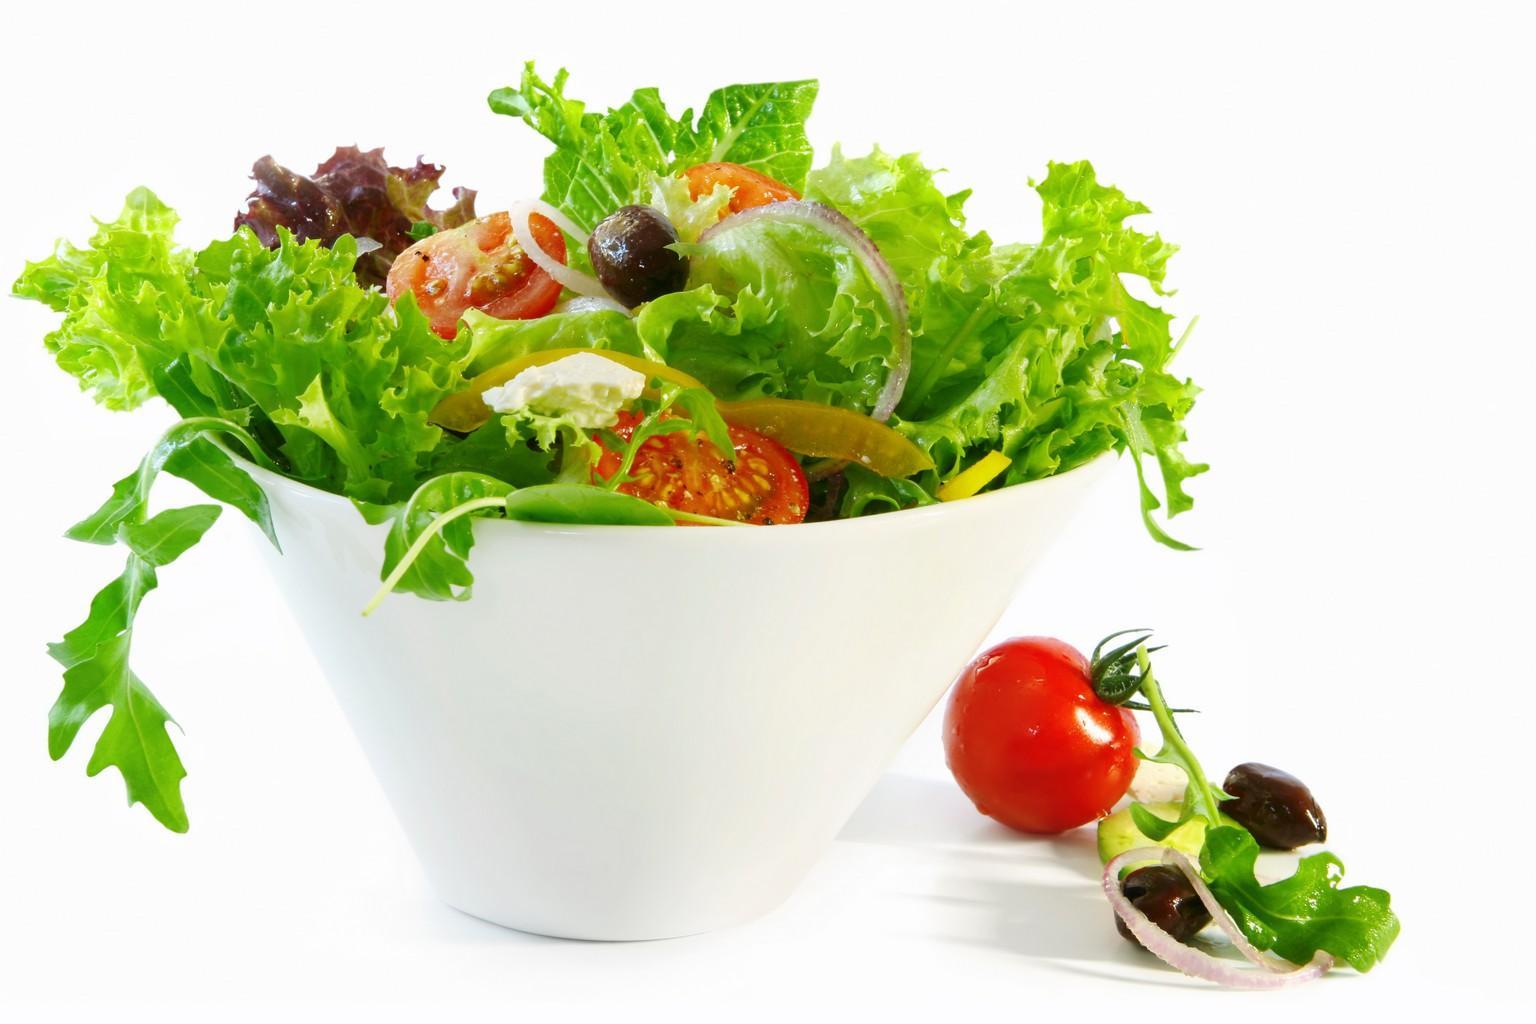 диета по калориям для похудения меню